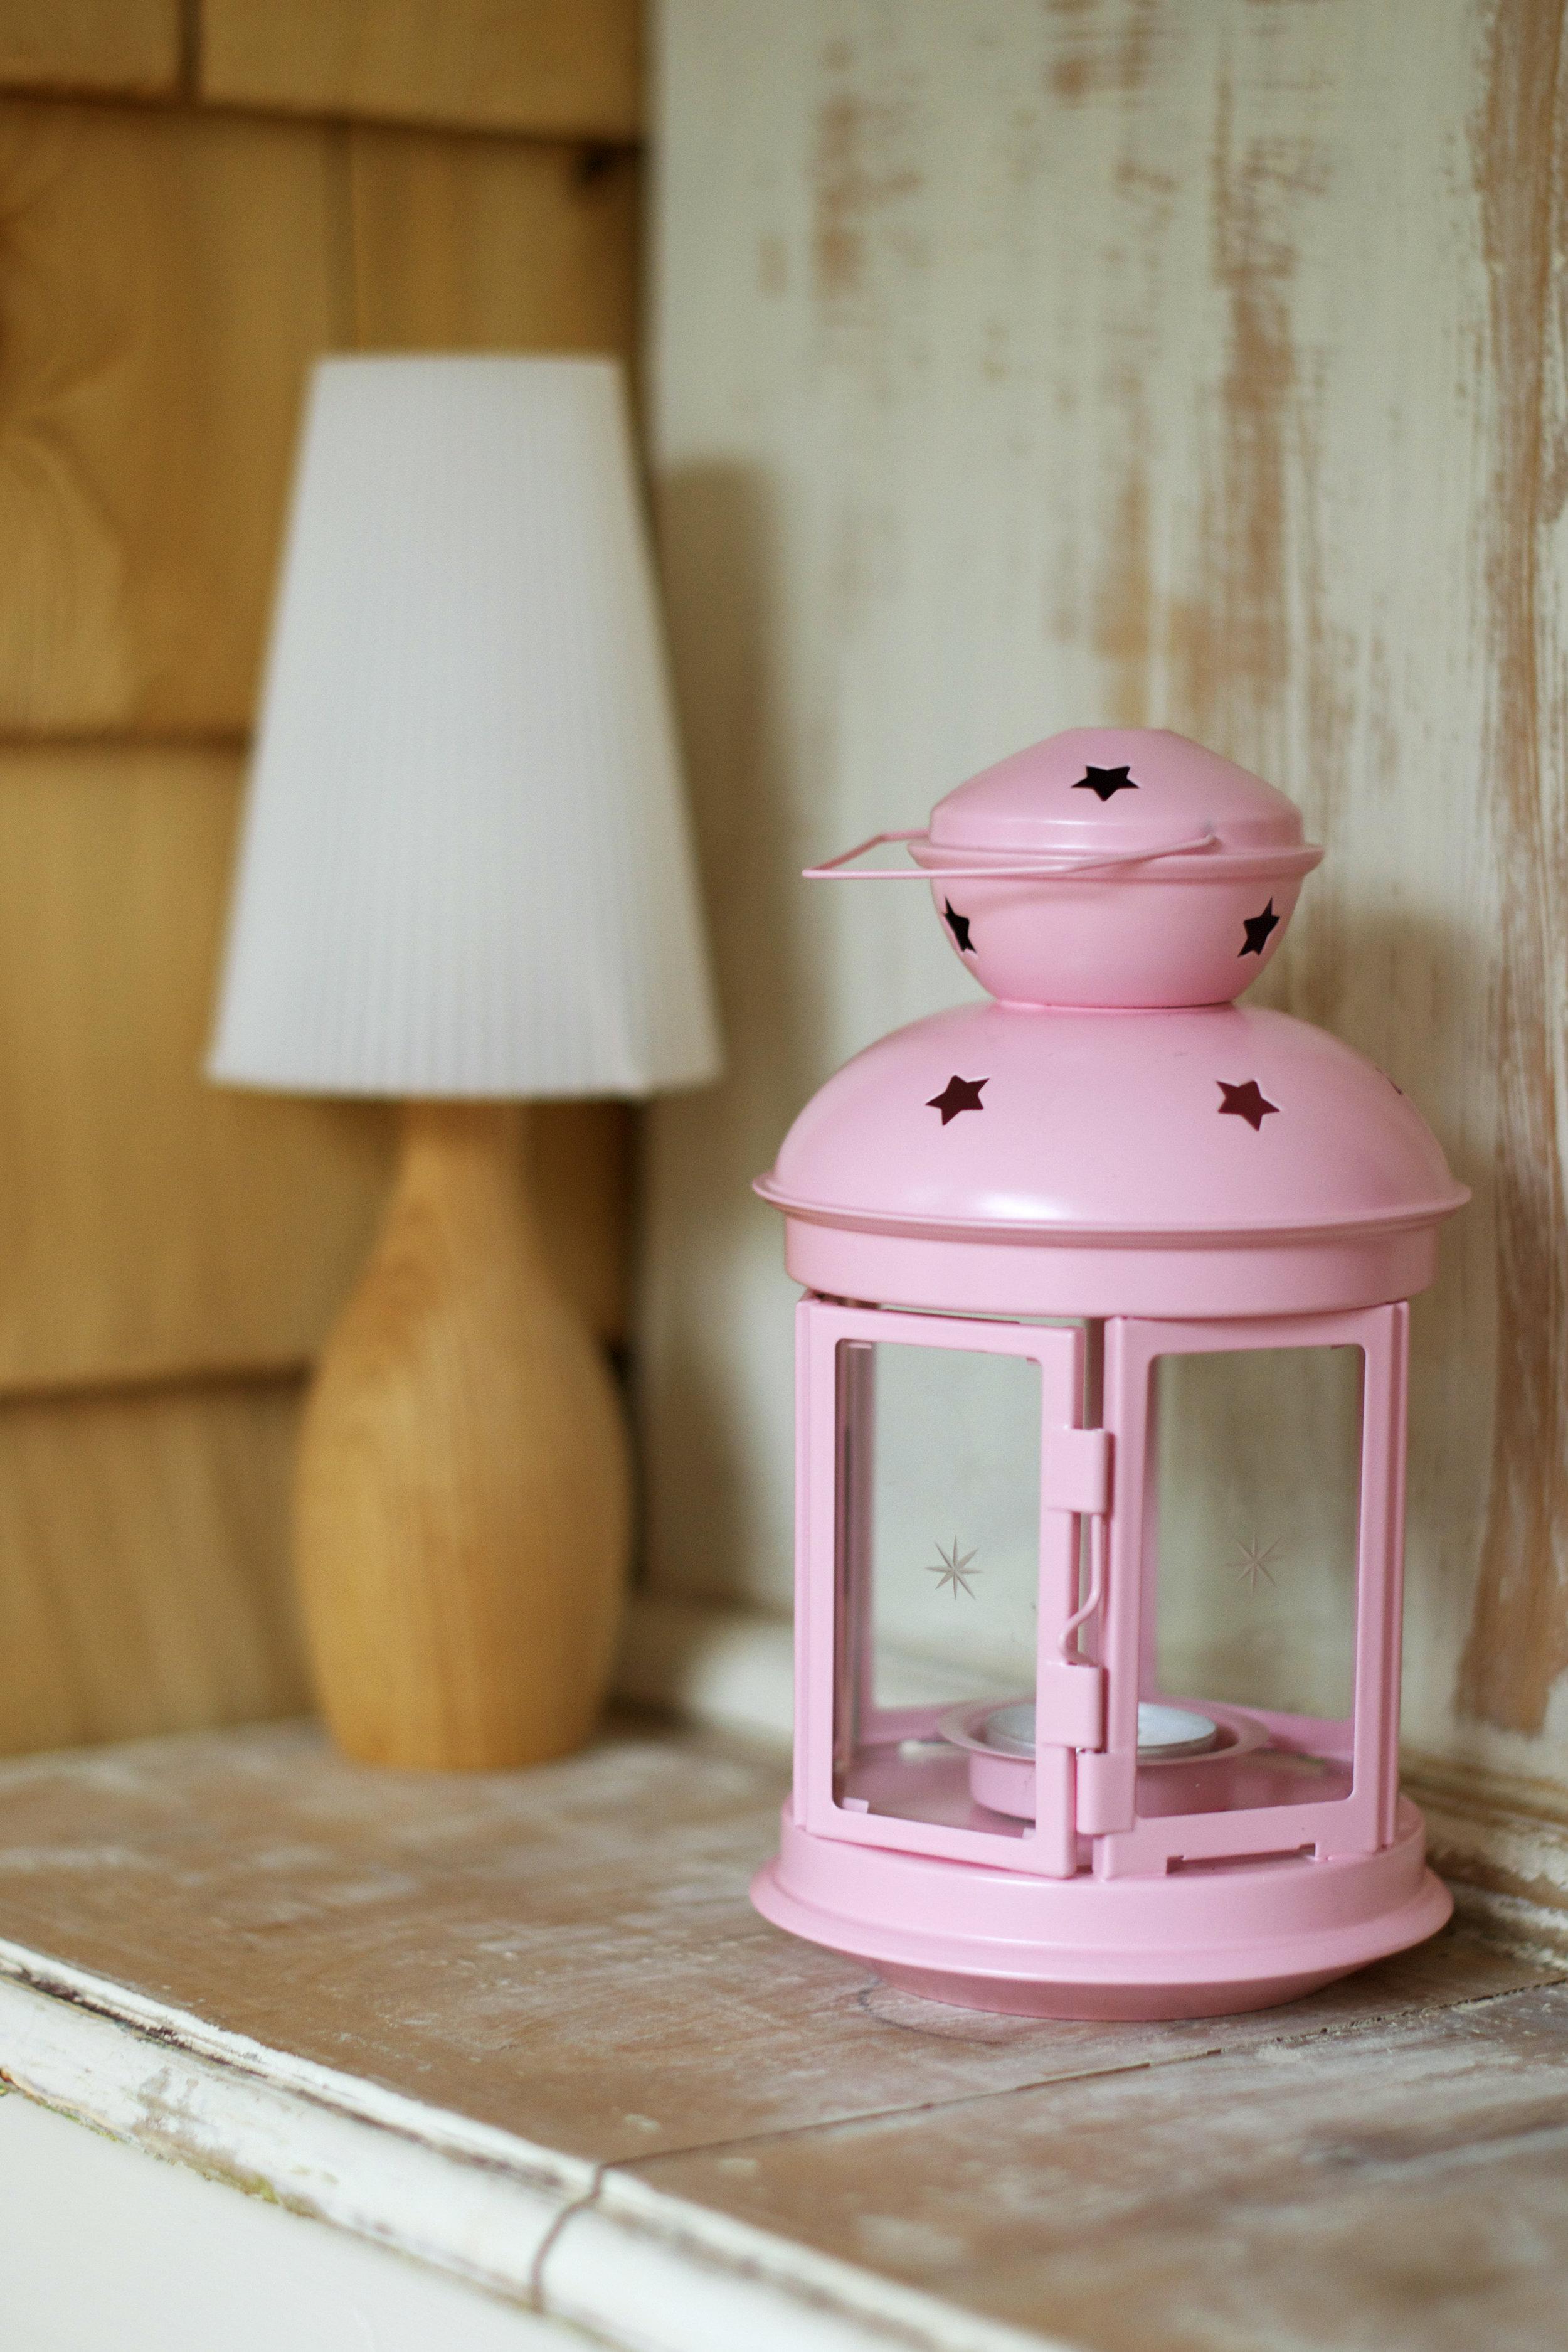 pink-lantern-and-lamp.jpg